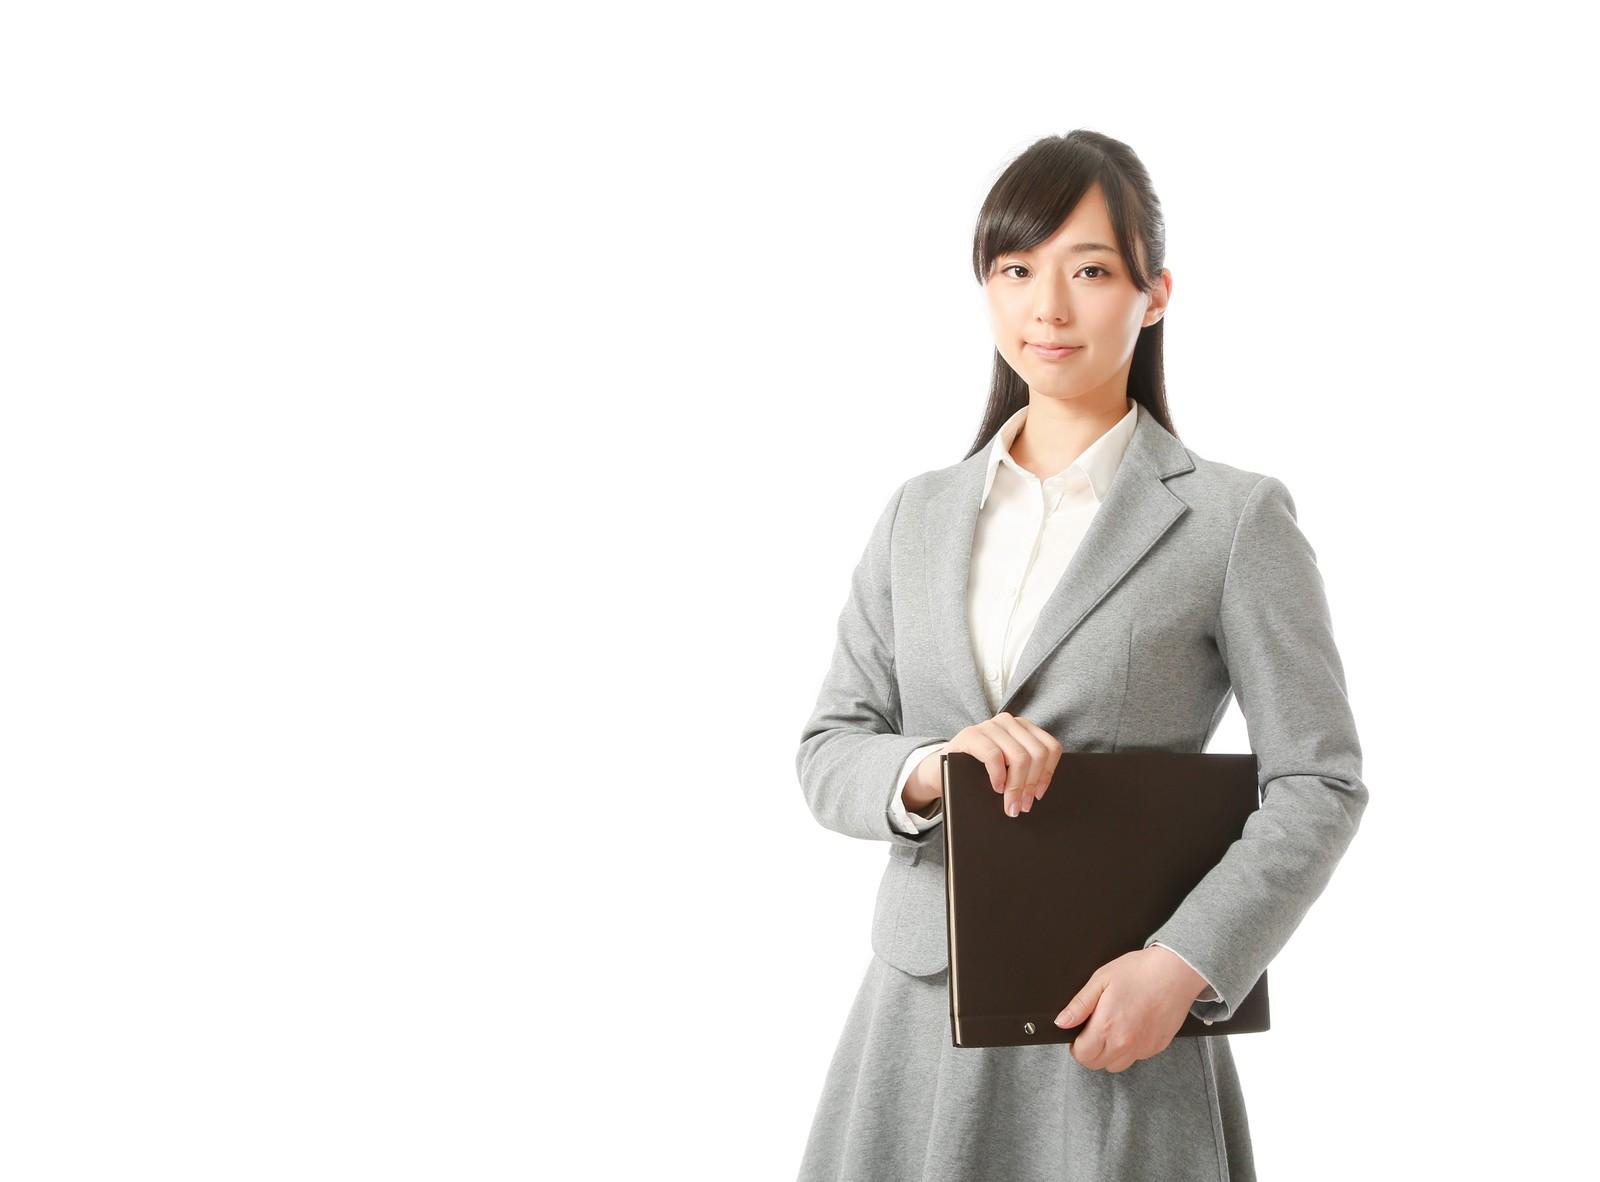 社労士資格を持ってる人が実務未経験で転職したら年収はどのくらい?